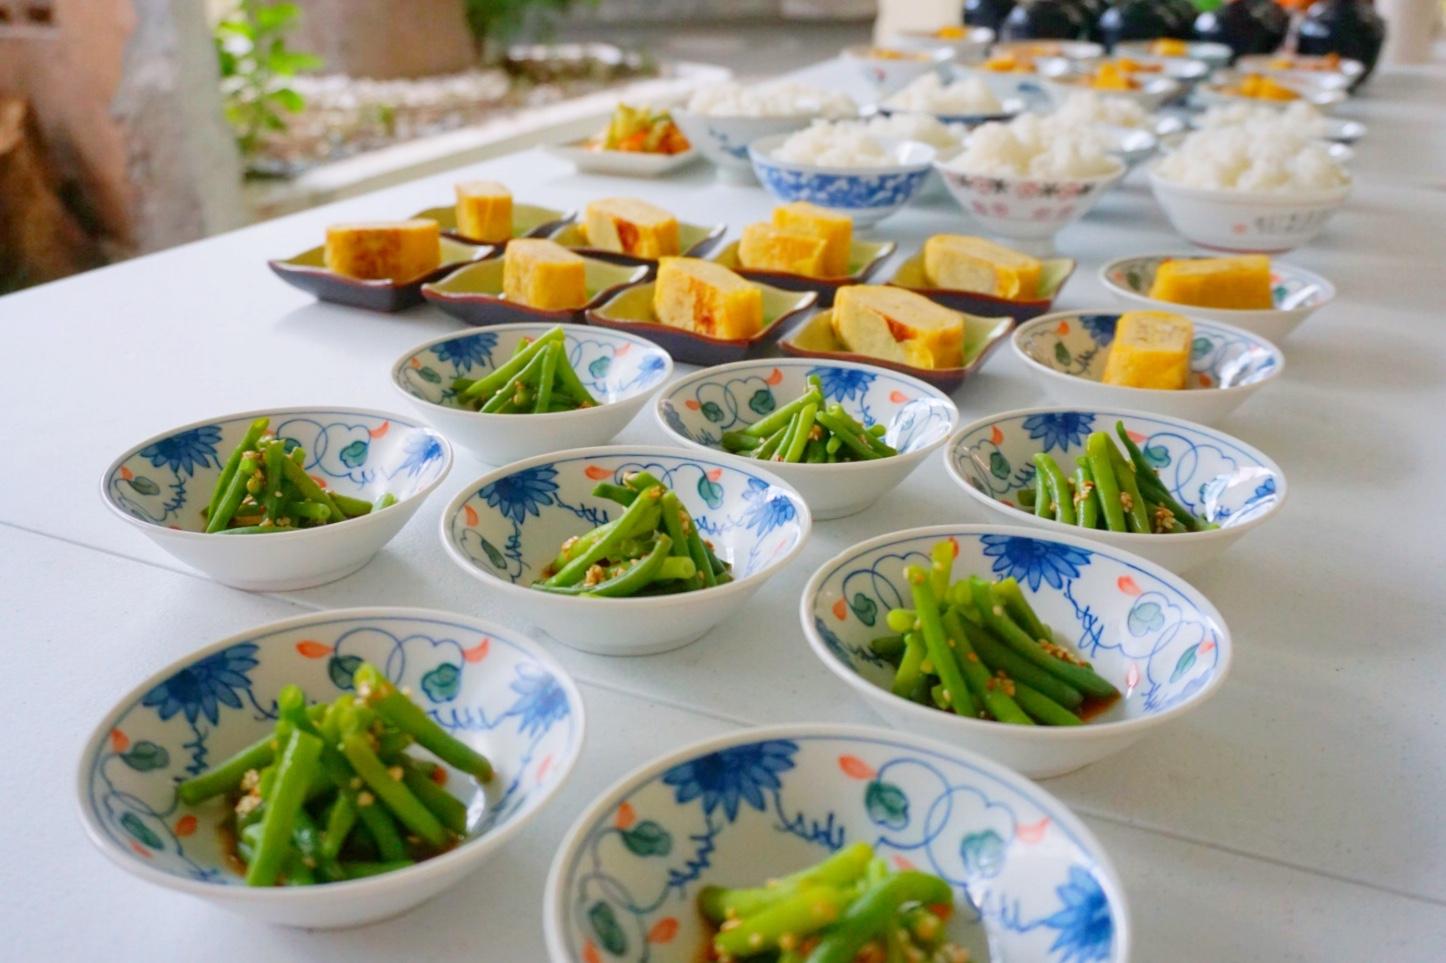 野菜もバランスよく、ベジタリアン対応もOK!! 健康的なタカハリランチです